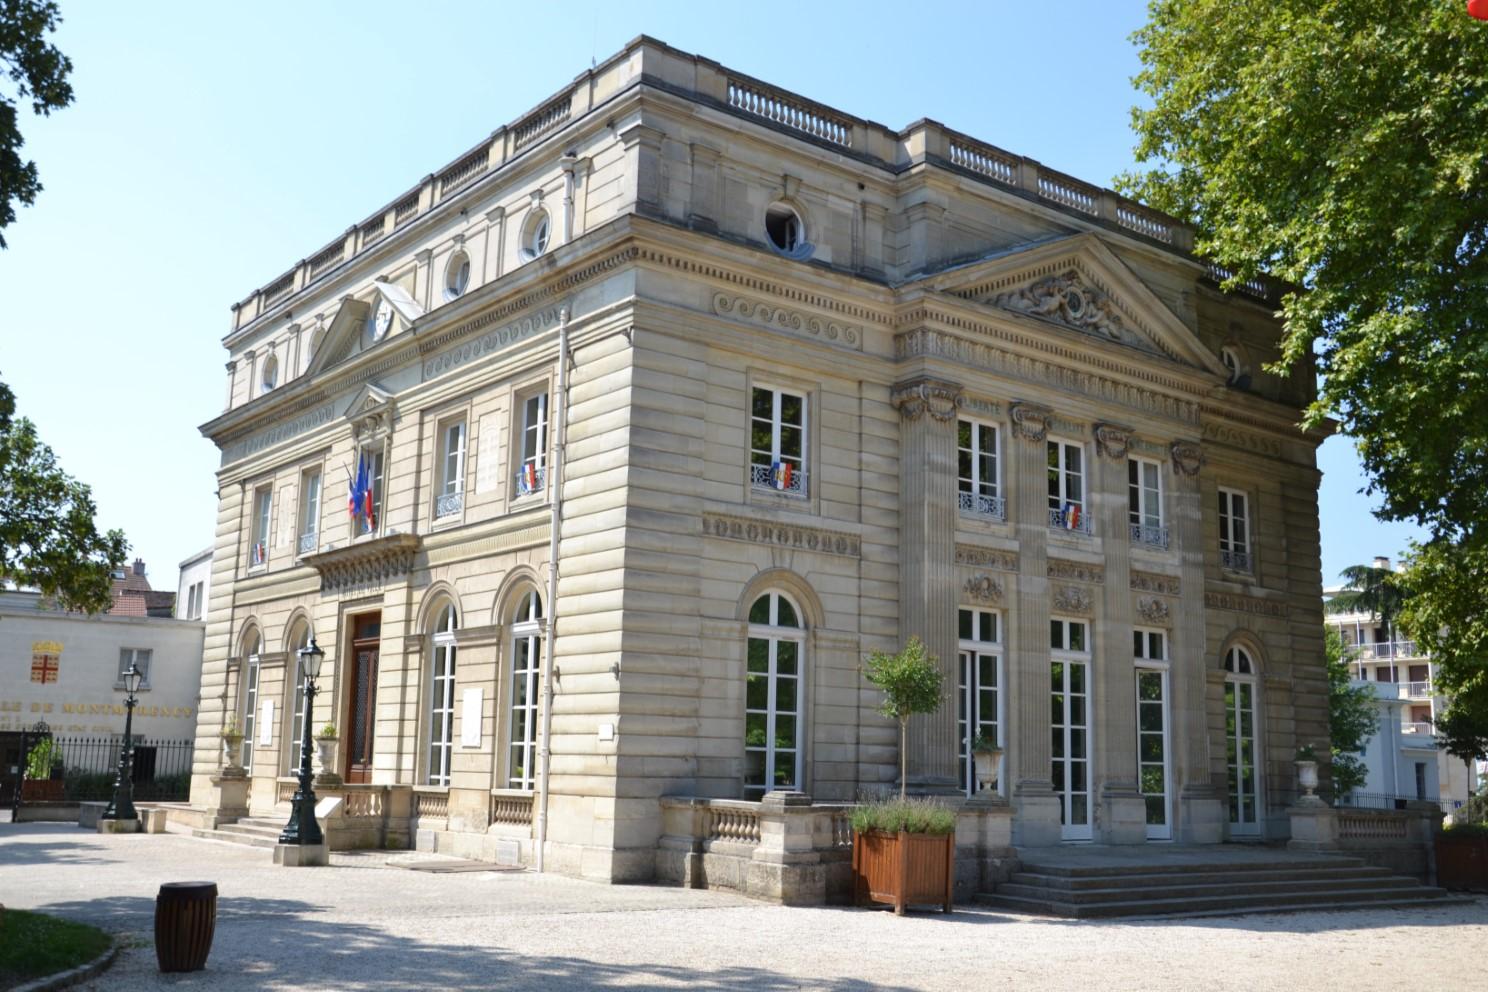 Hôtel de ville de Montmorency